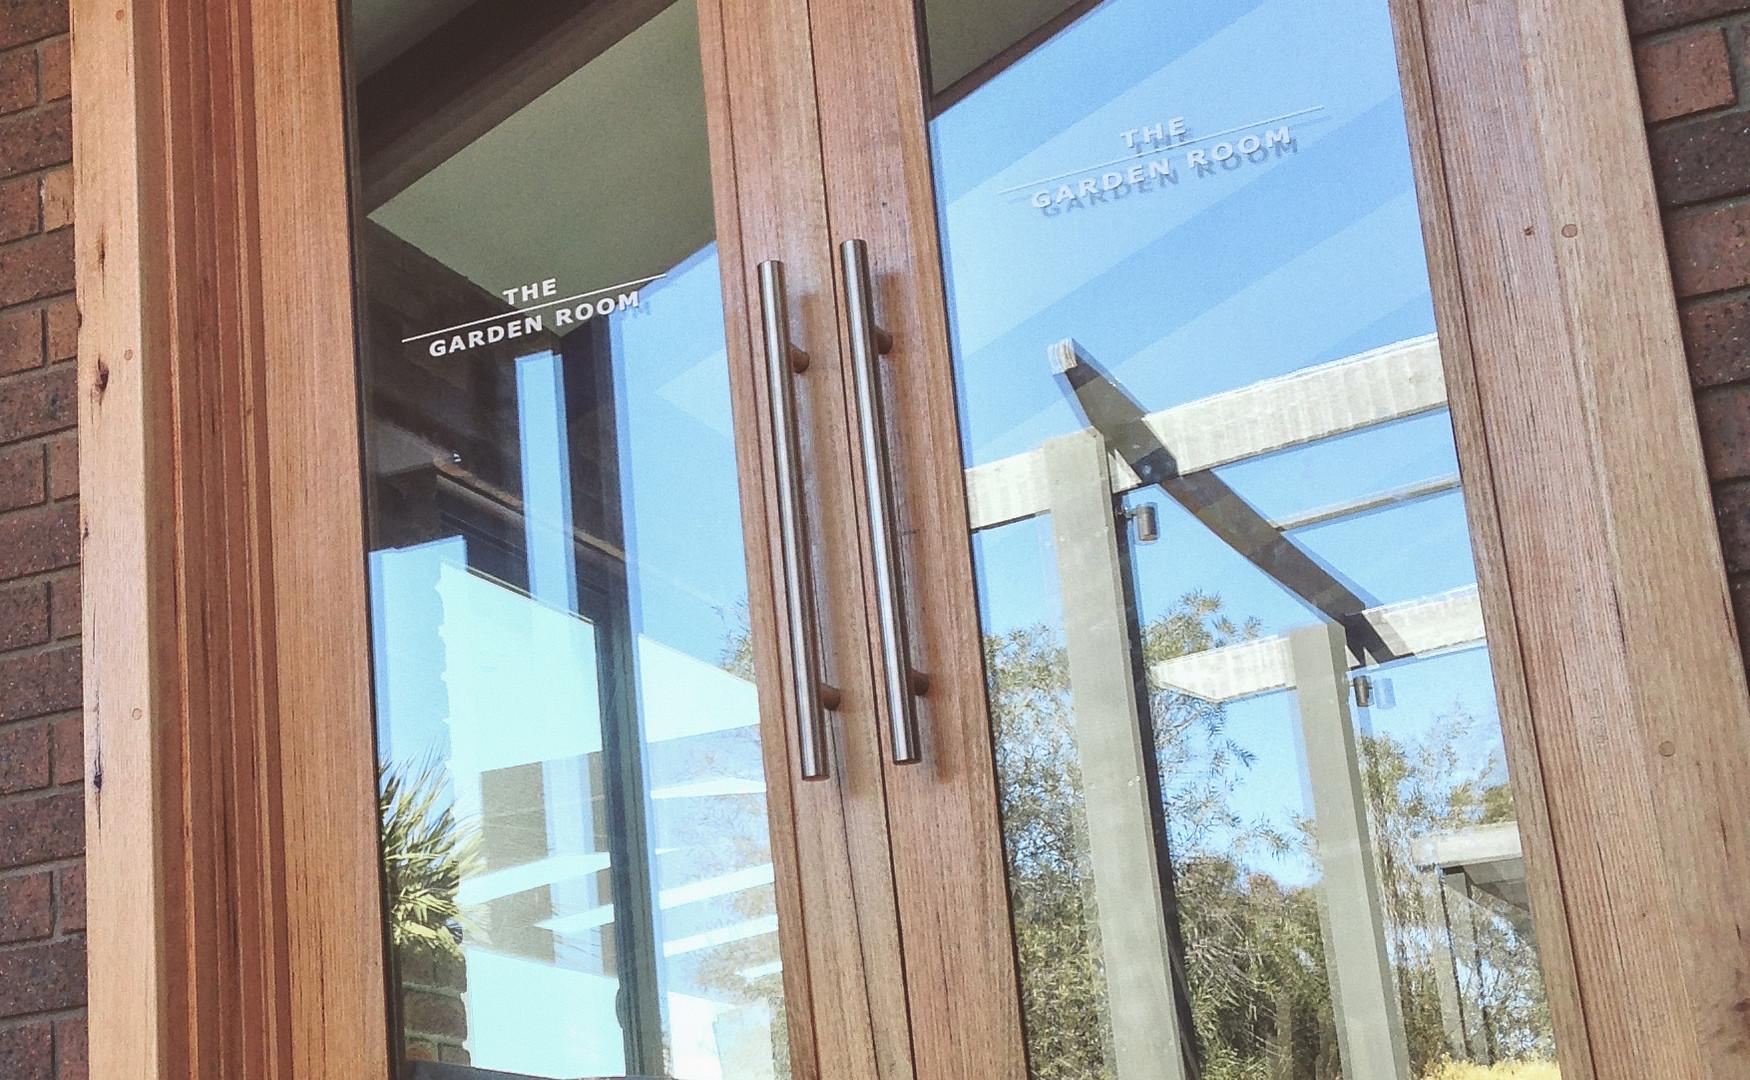 The Garden Room_Exterior_Day_Door.jpg